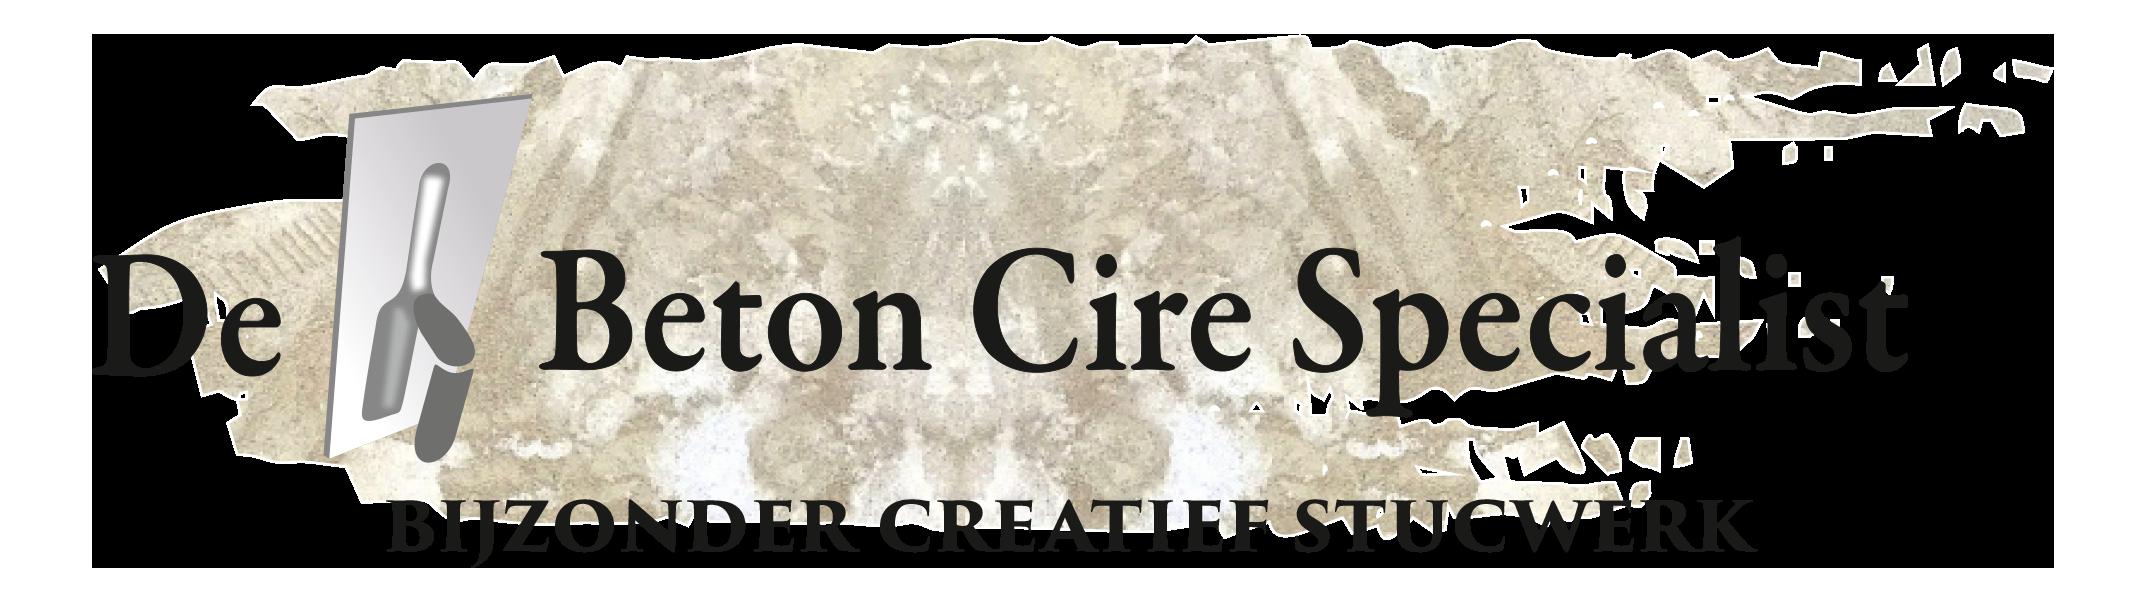 De Beton Cire Specialist